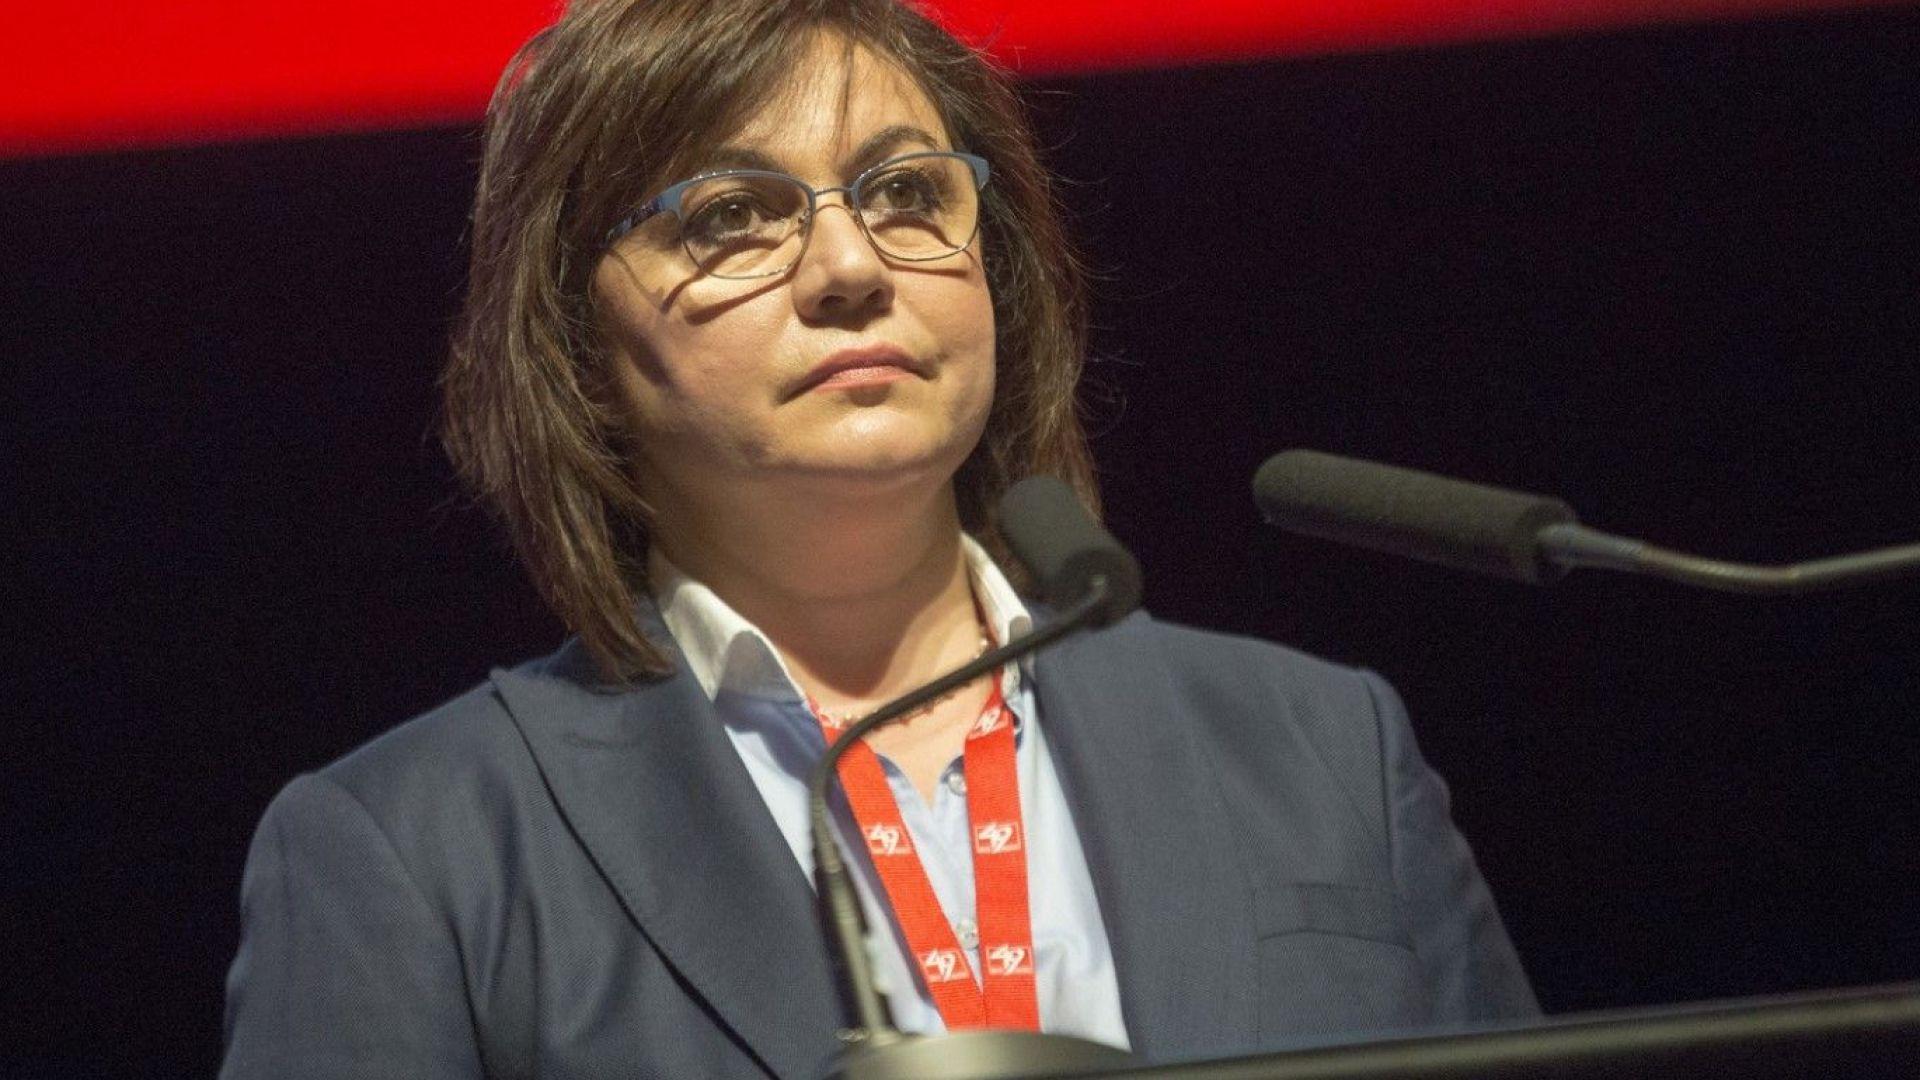 Председателят на БСП Корнелия Нинова е сигнализирала европейски институции и